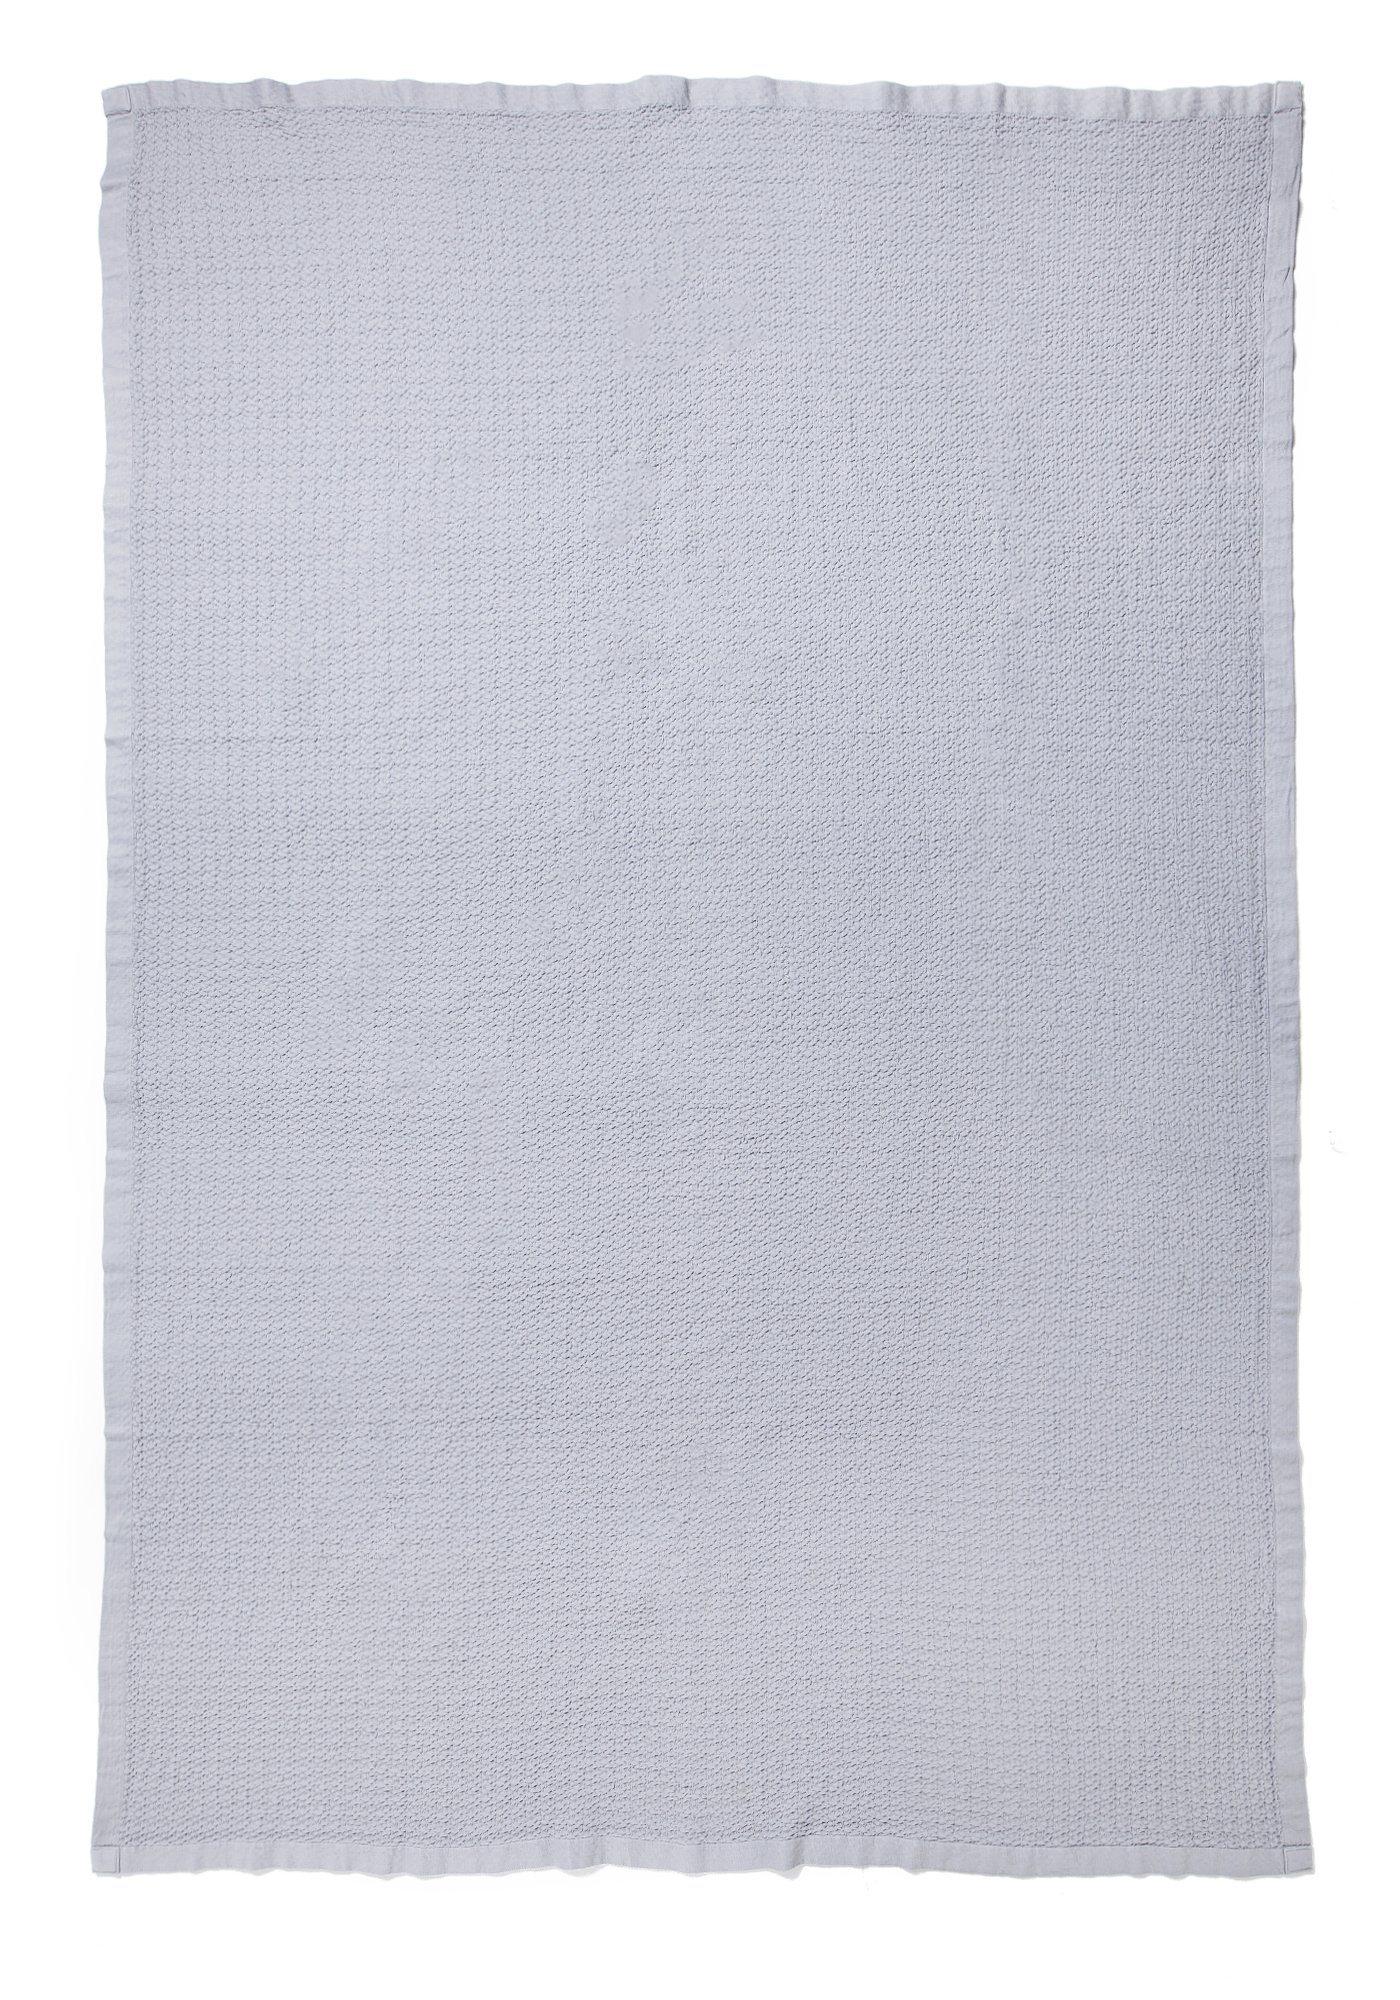 casa di bassi tagesdecke milano silberfarben online kaufen bei woonio. Black Bedroom Furniture Sets. Home Design Ideas